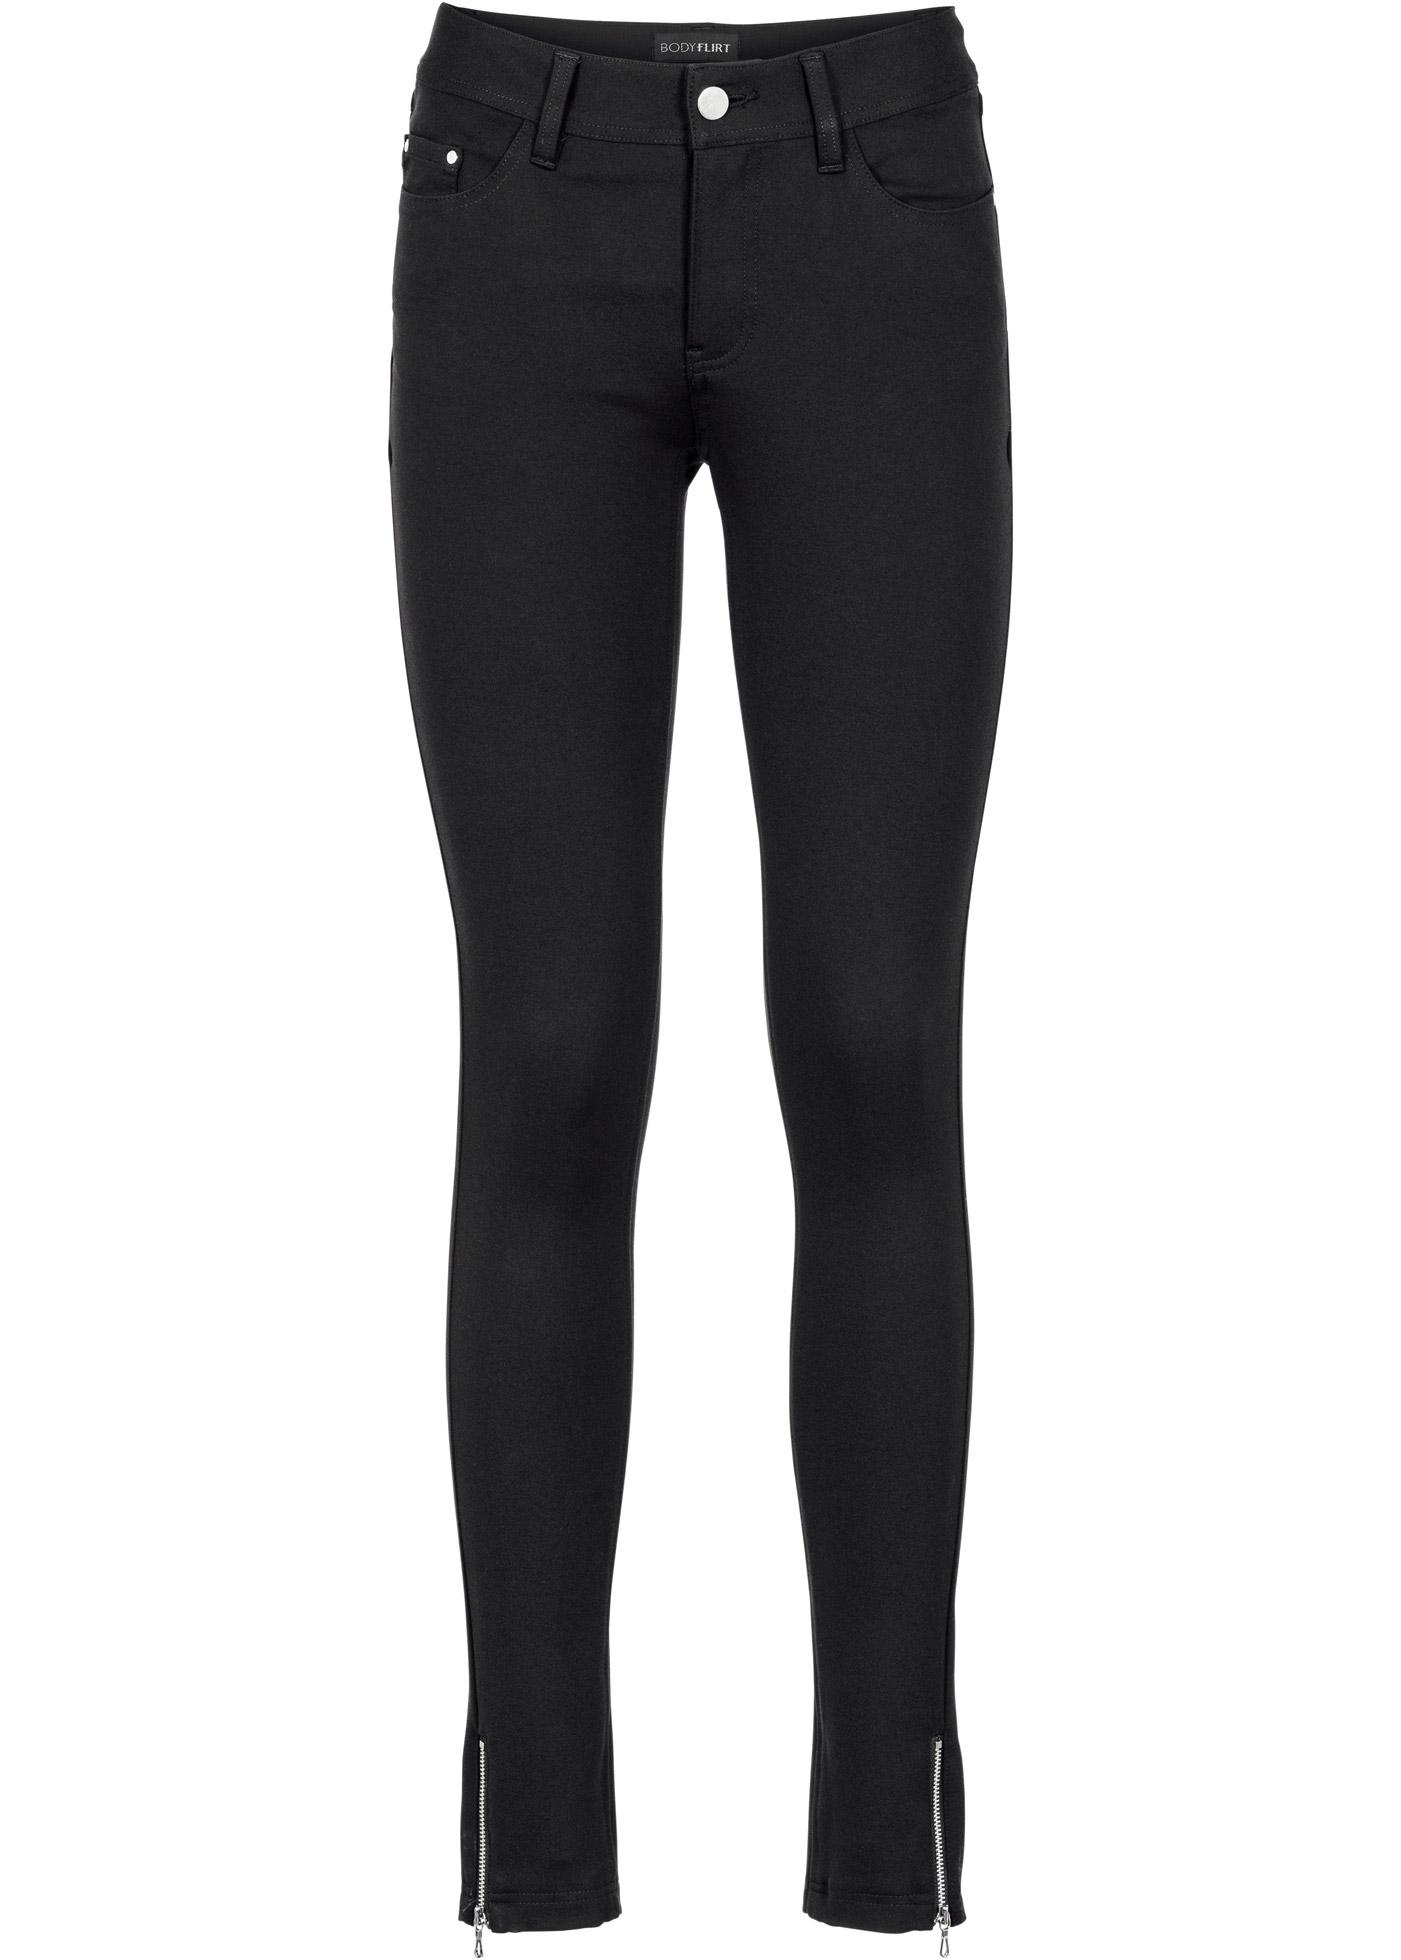 BODYFLIRT Bodyshaping-Hose aus festem Jersey in schwarz für Damen von  bonprix 4cf4acd002